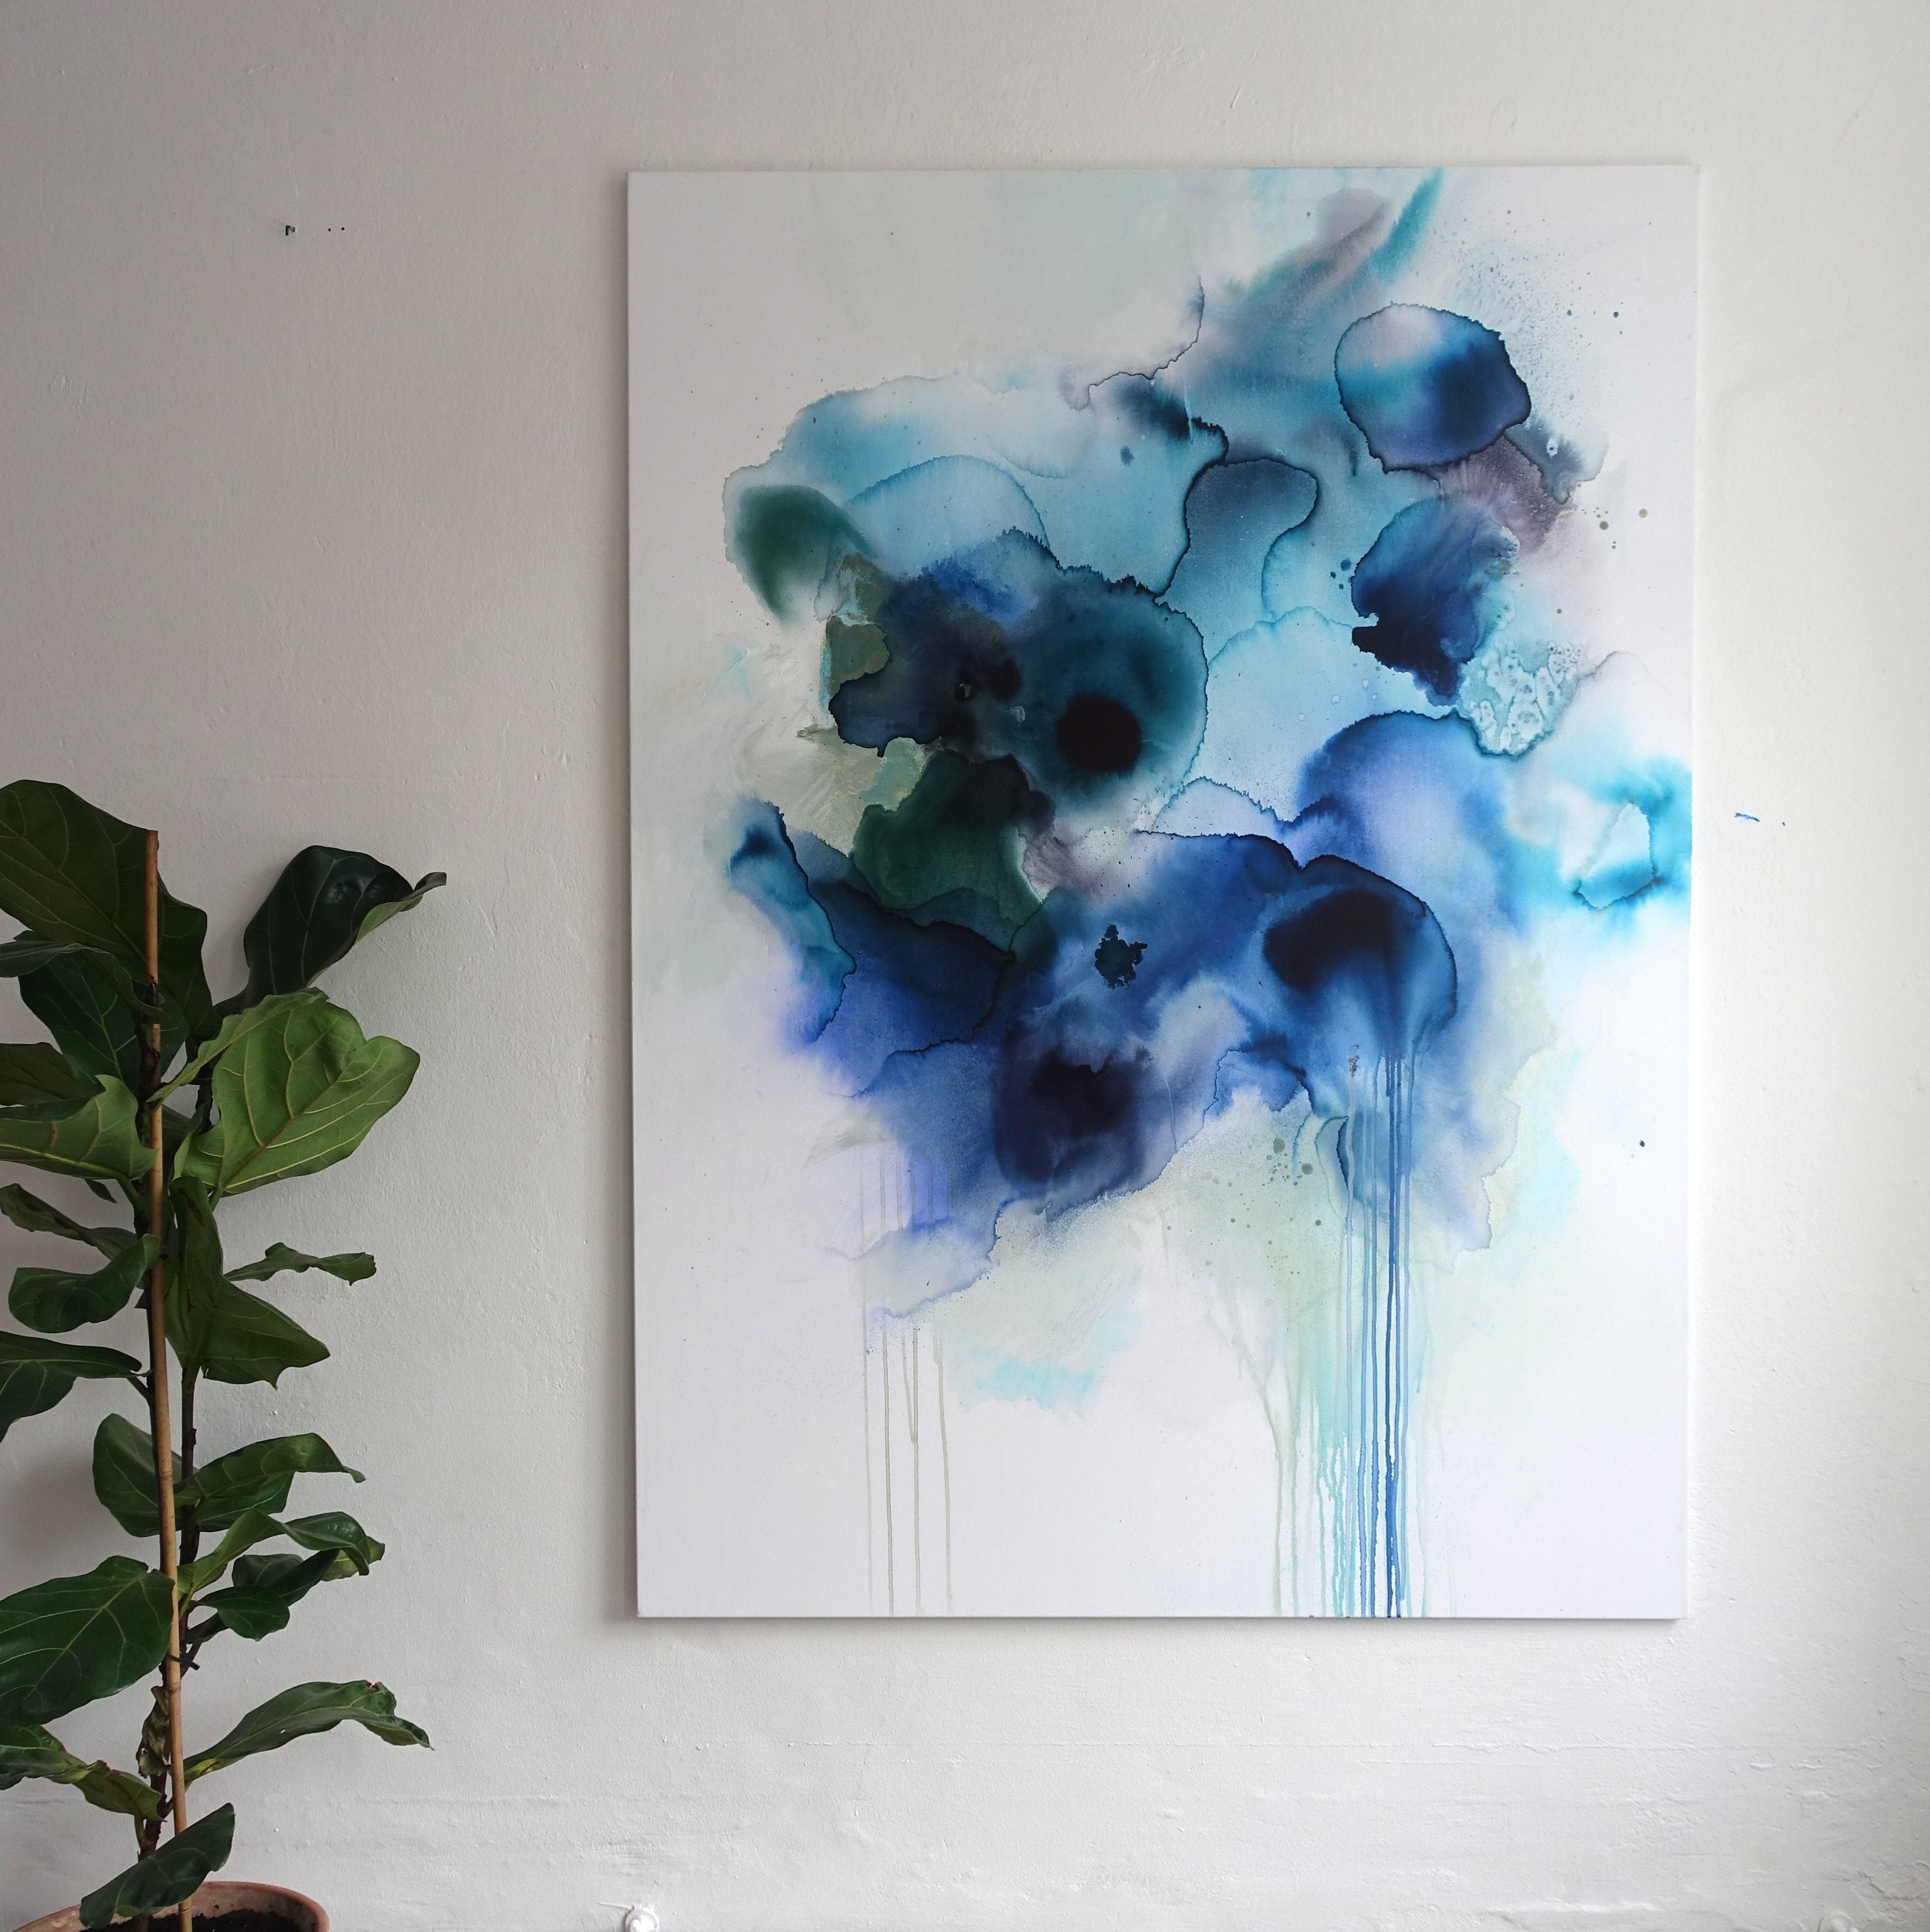 stort abstrakt maleri